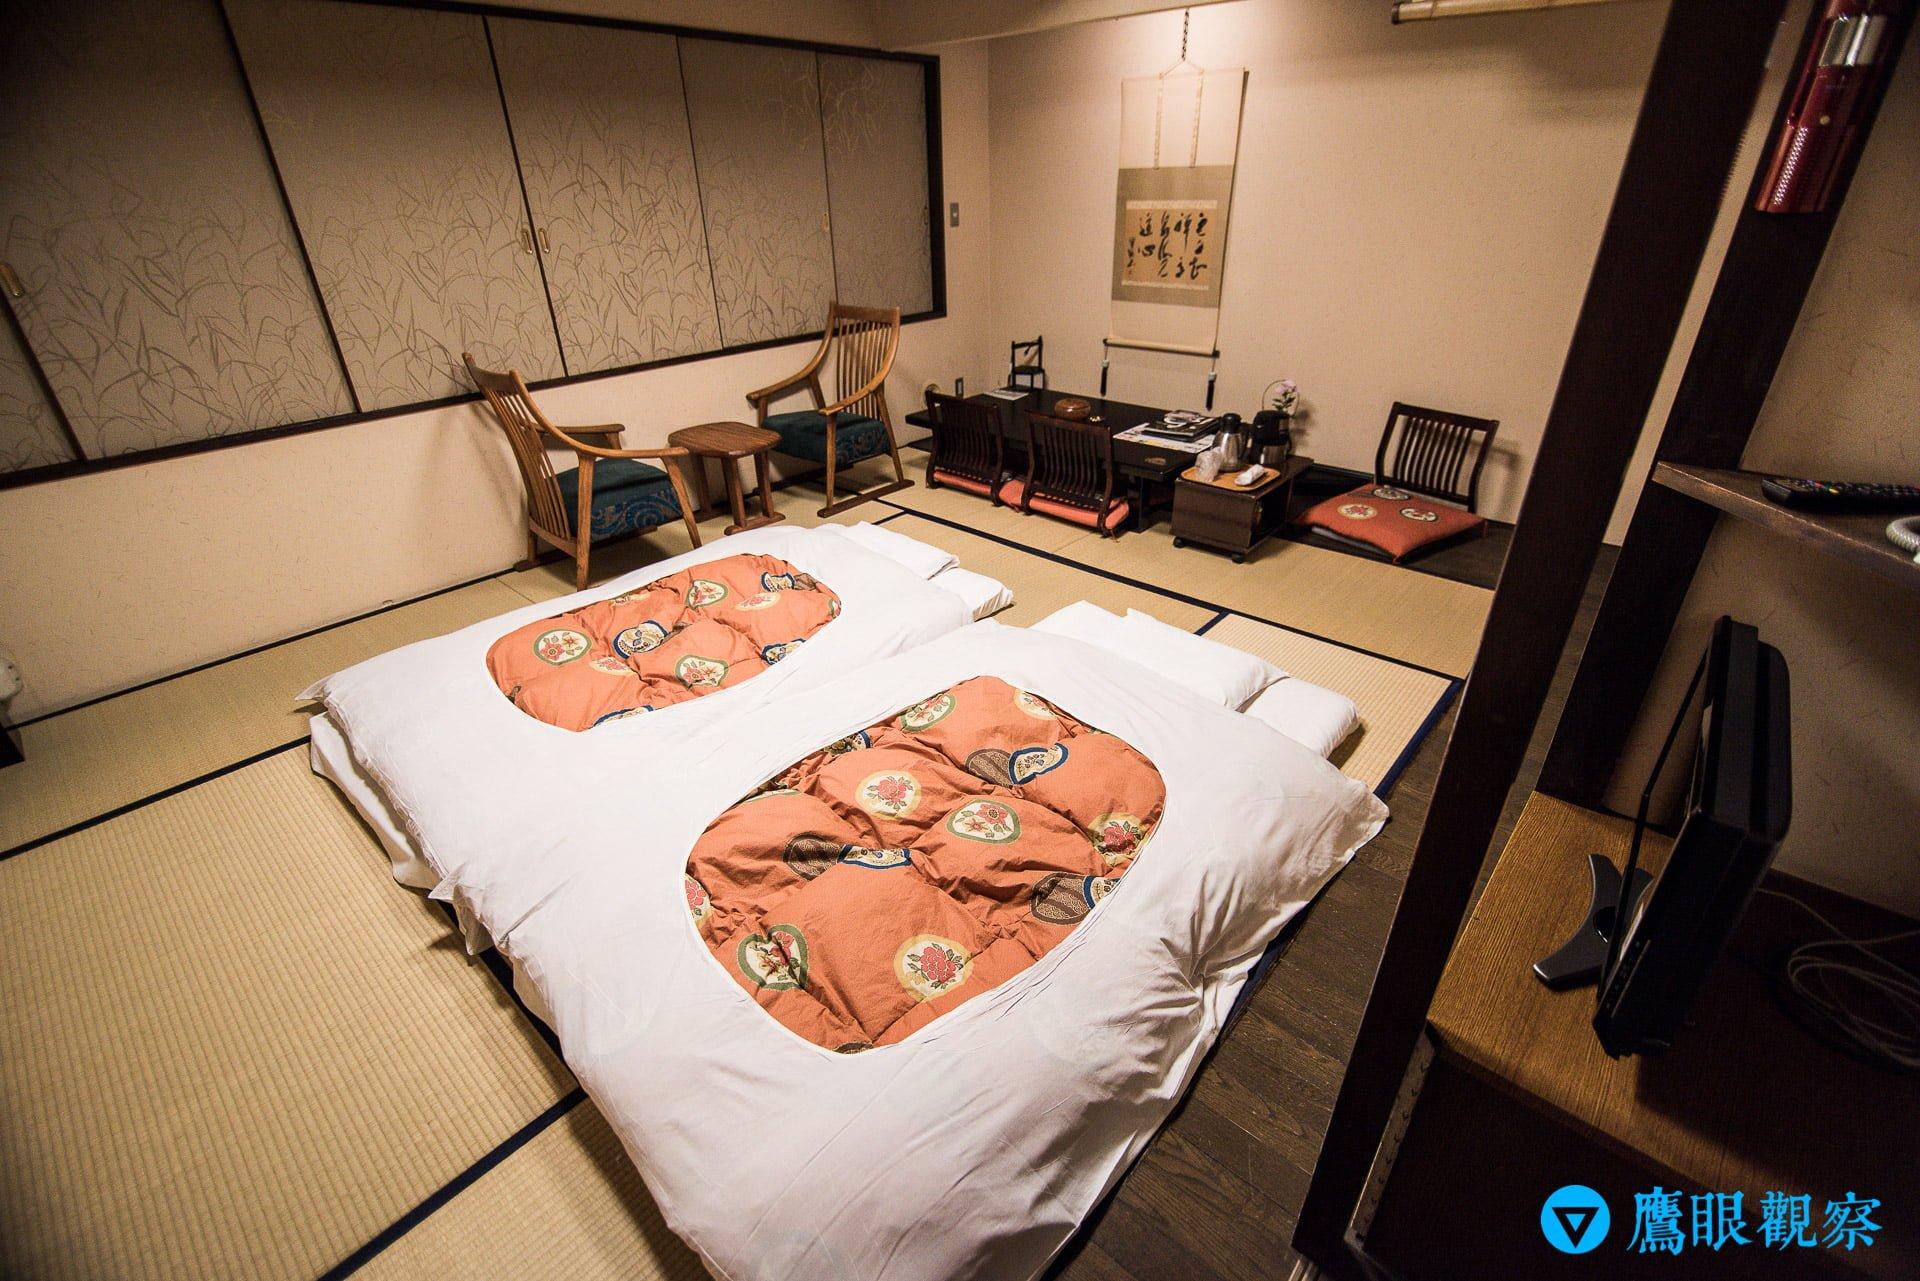 travel Japan gunma kishigon ryokan hotel in izumo spa hot spring 37 群馬縣伊香保溫泉「岸權旅館」日本旅館住宿推薦